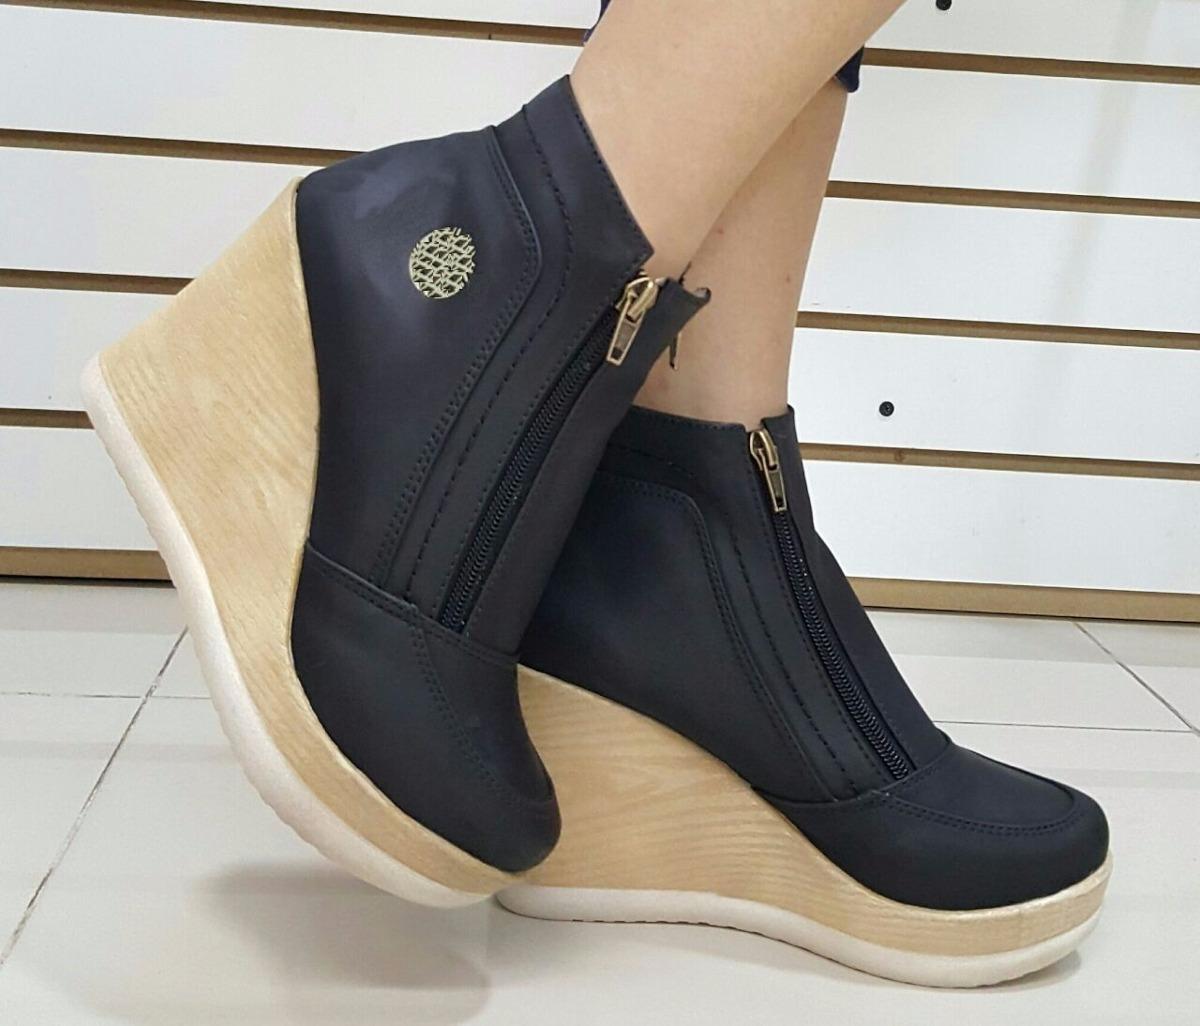 9da84bbead5 botin negro bota moda colombiana moda de mujer envio gratis. Cargando zoom.